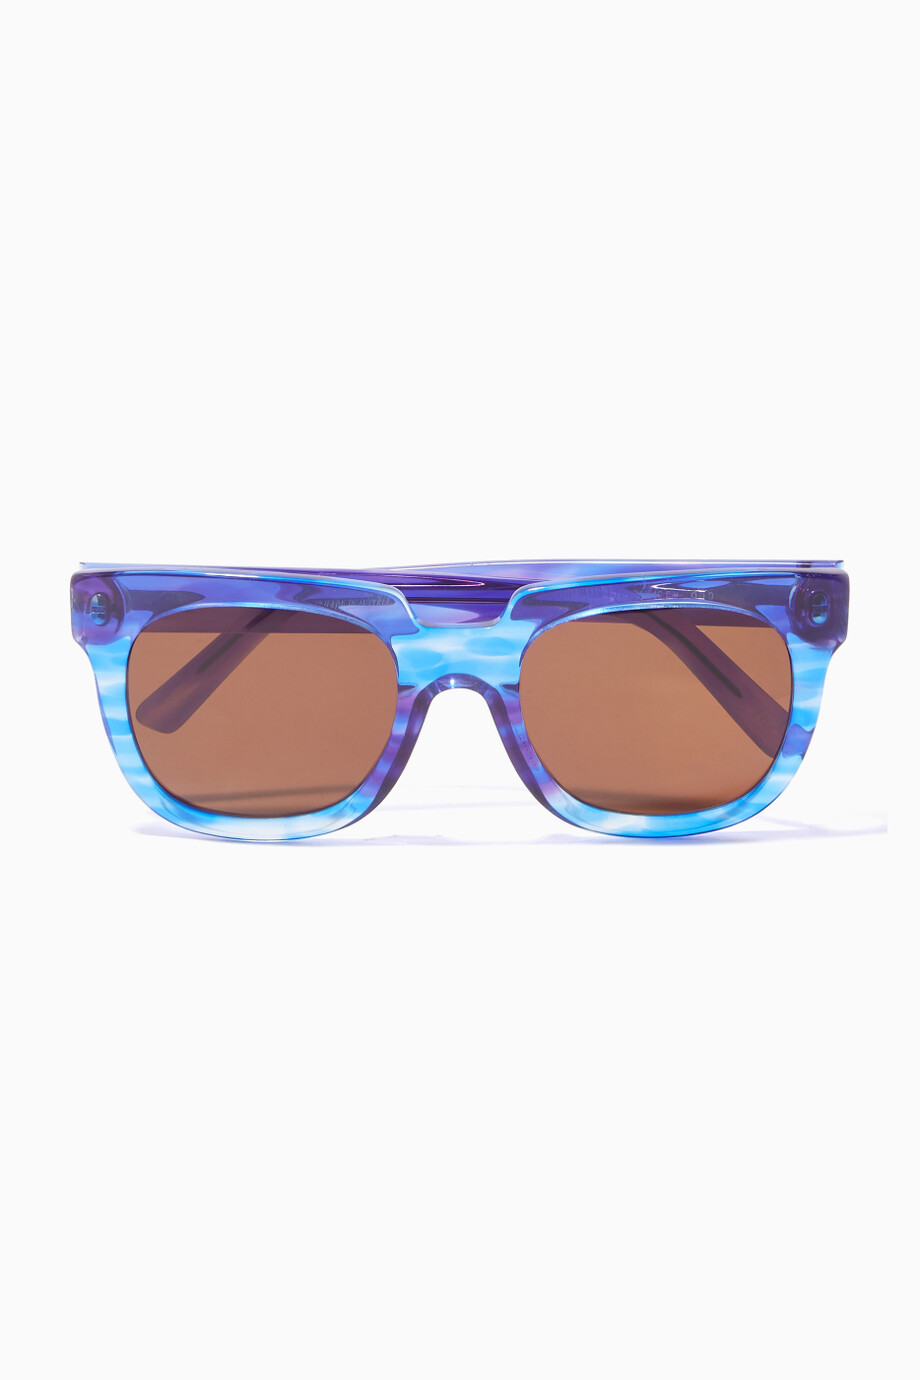 b27a7297f تسوق نظارات شمسية فيكتوريا إطار مربع كبيرة ازرق اندي وولف أزرق ...